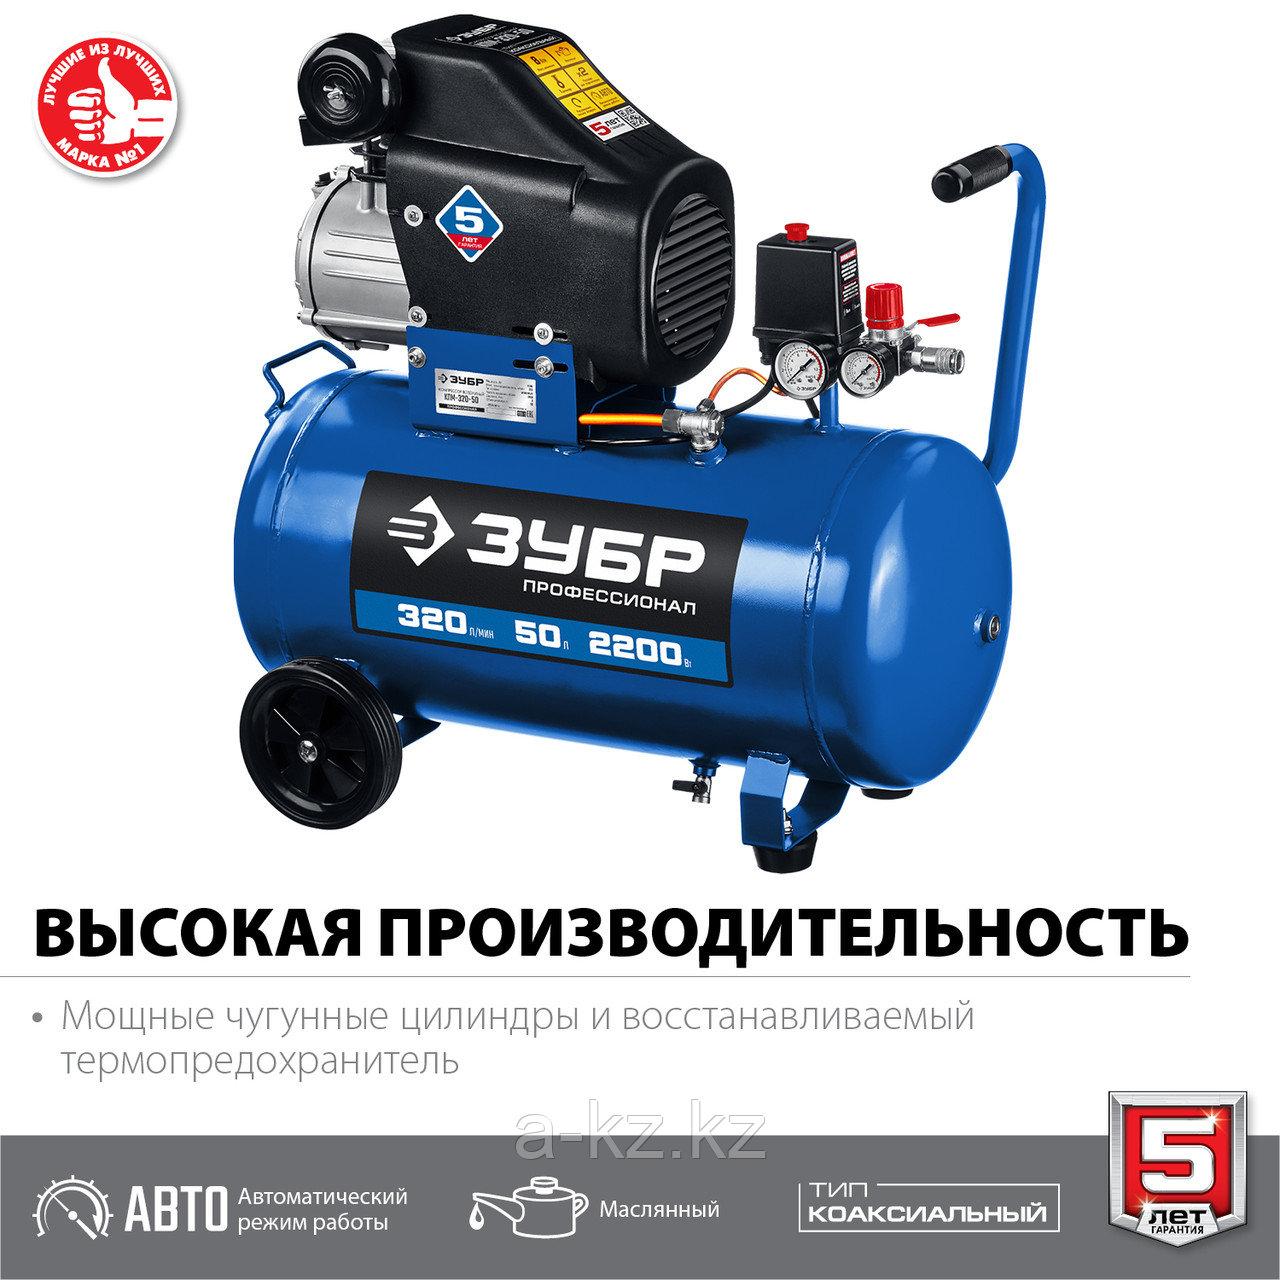 Компрессор воздушный, 320 л/мин, 50 л, 2200 Вт, ЗУБР - фото 2